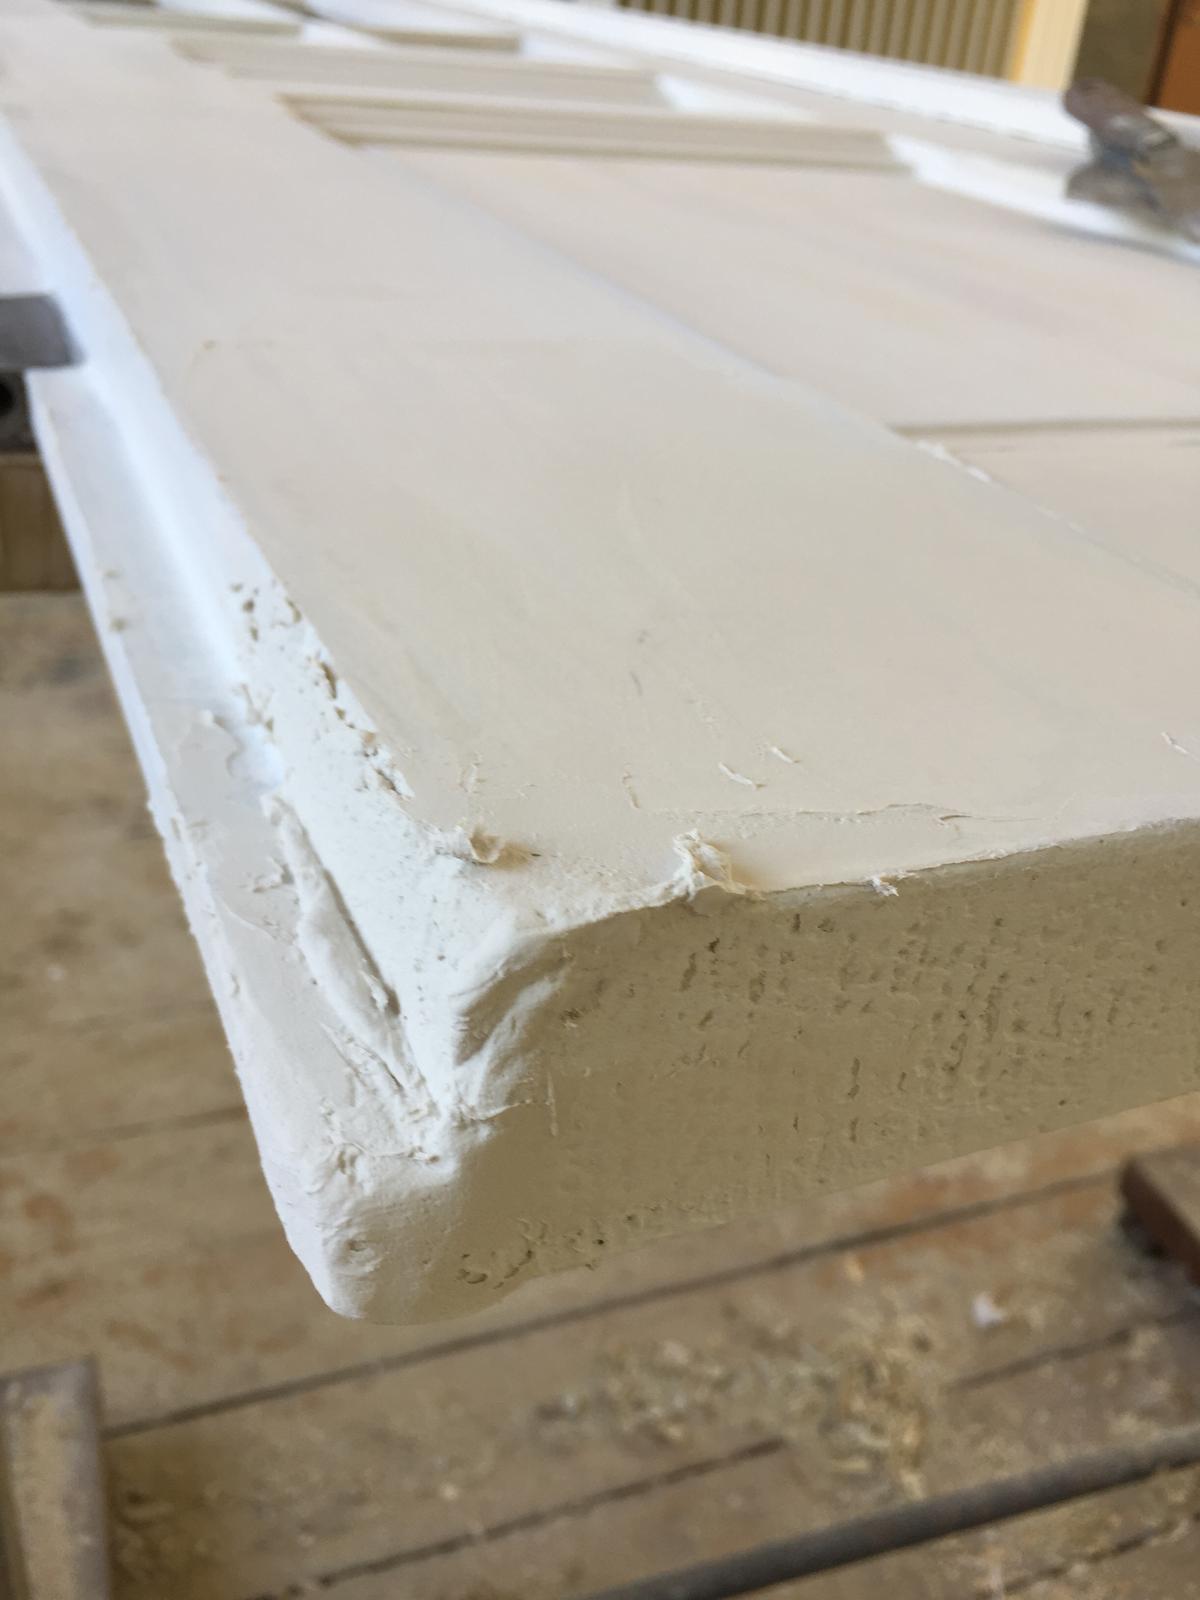 Jeden kus histórie - Zničený roh. Na to je vhodná univerzálna 2k hmota od den Braven, drevo sa musí najprv natrieť základnou farbou.